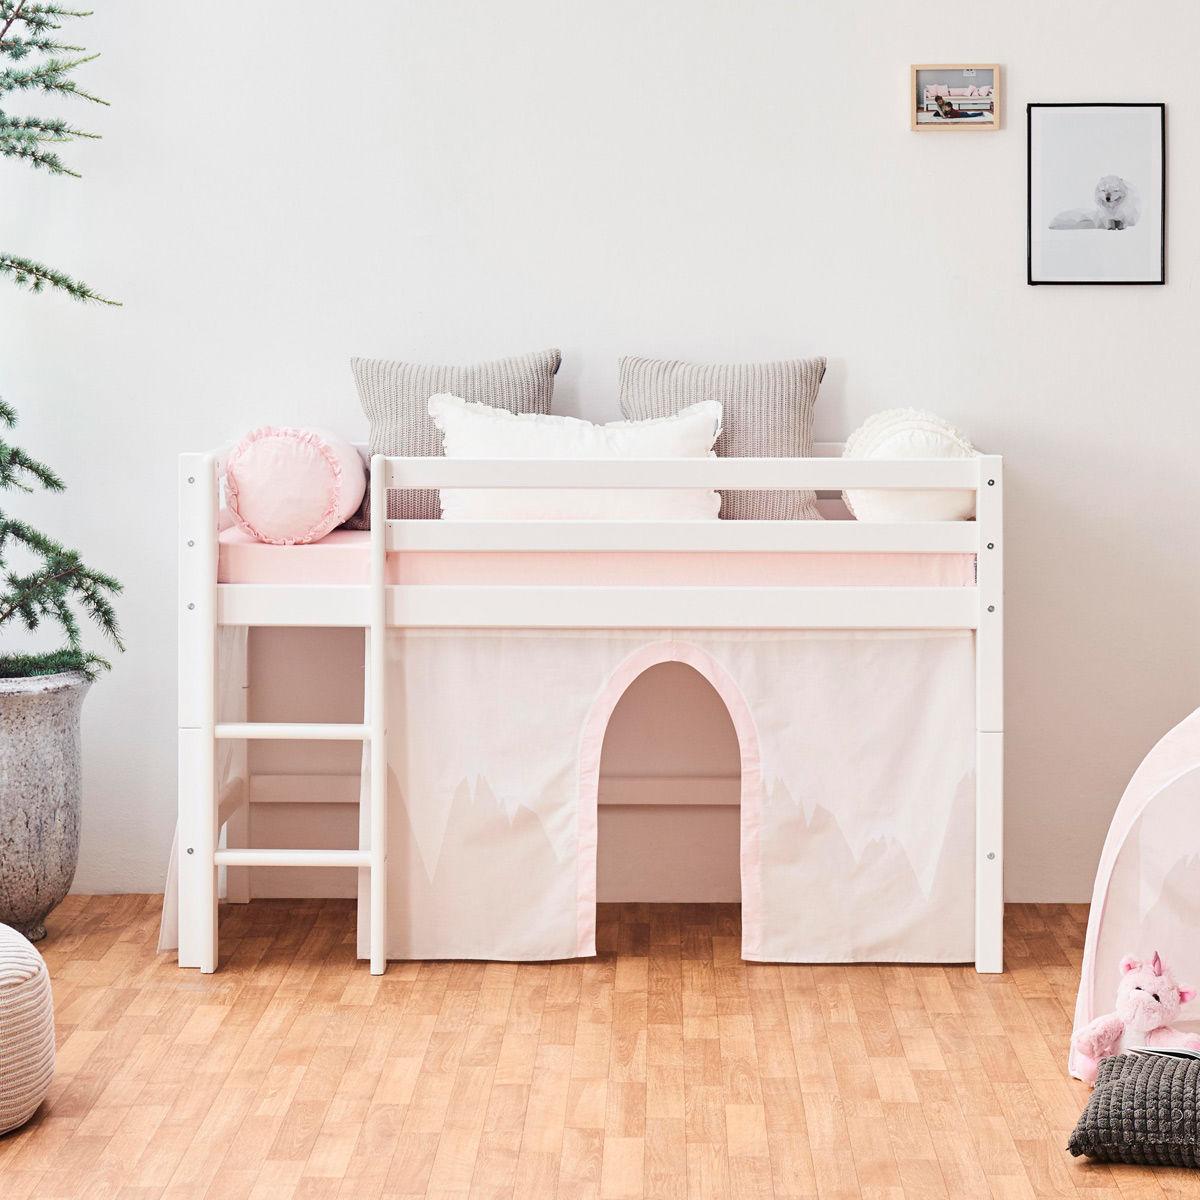 Full Size of Halbhohes Hochbett Hoppekids Bett Basic Zum Aktionspreis Wohnzimmer Halbhohes Hochbett